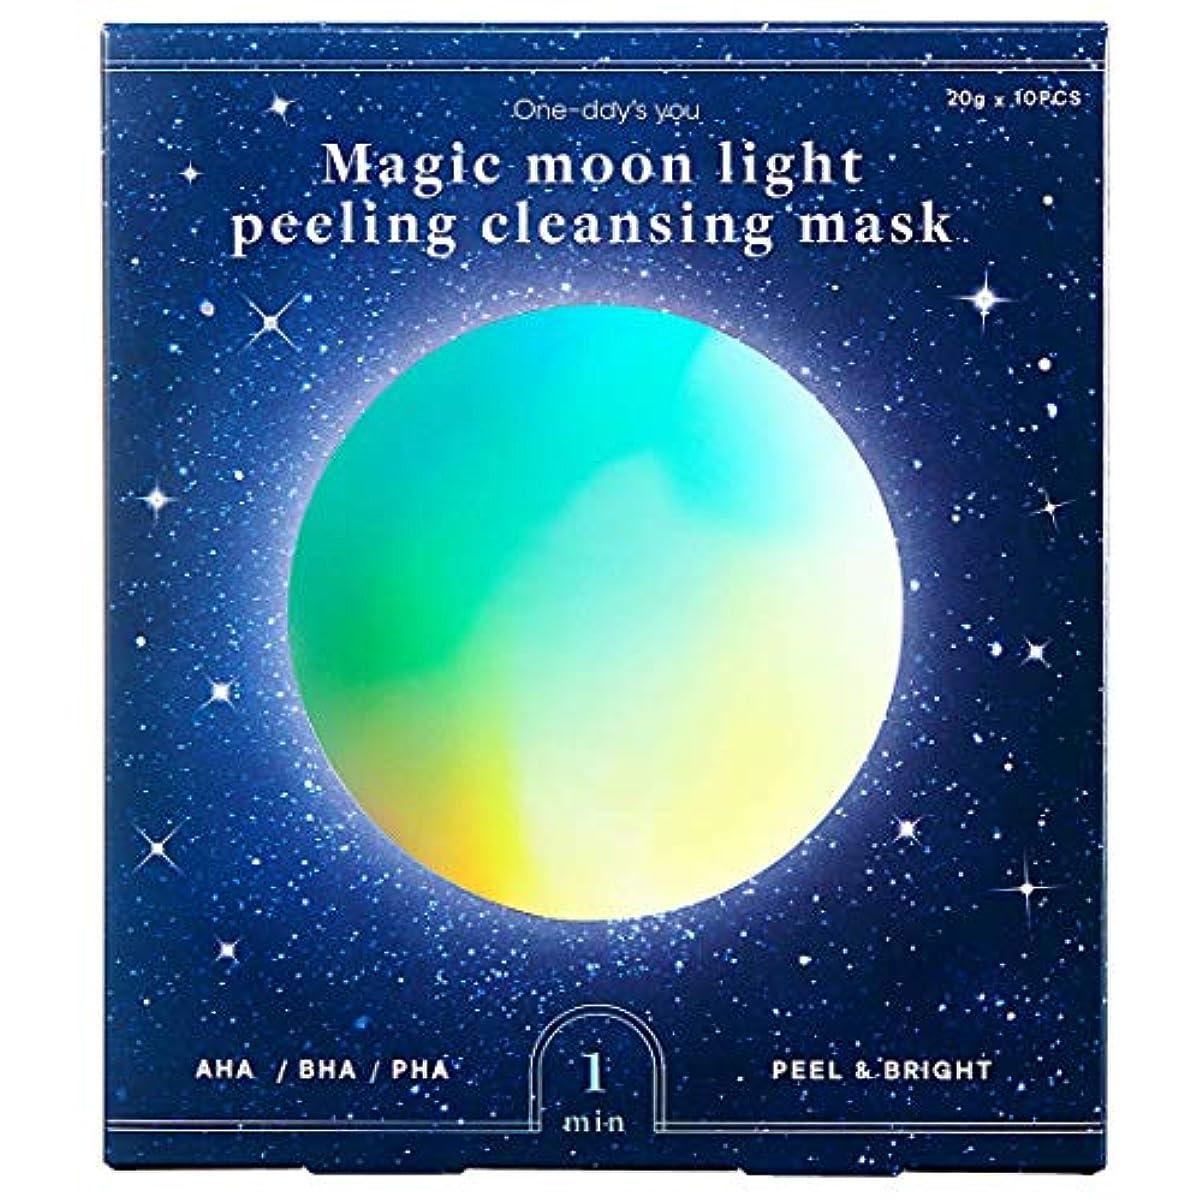 銃花装置One day's you [ワンデイズユー ] マジック ムーンライト ピーリング クレンジング マスク/Magic Moonlight Peeling Cleansing Mask (20g*10ea) [並行輸入品]